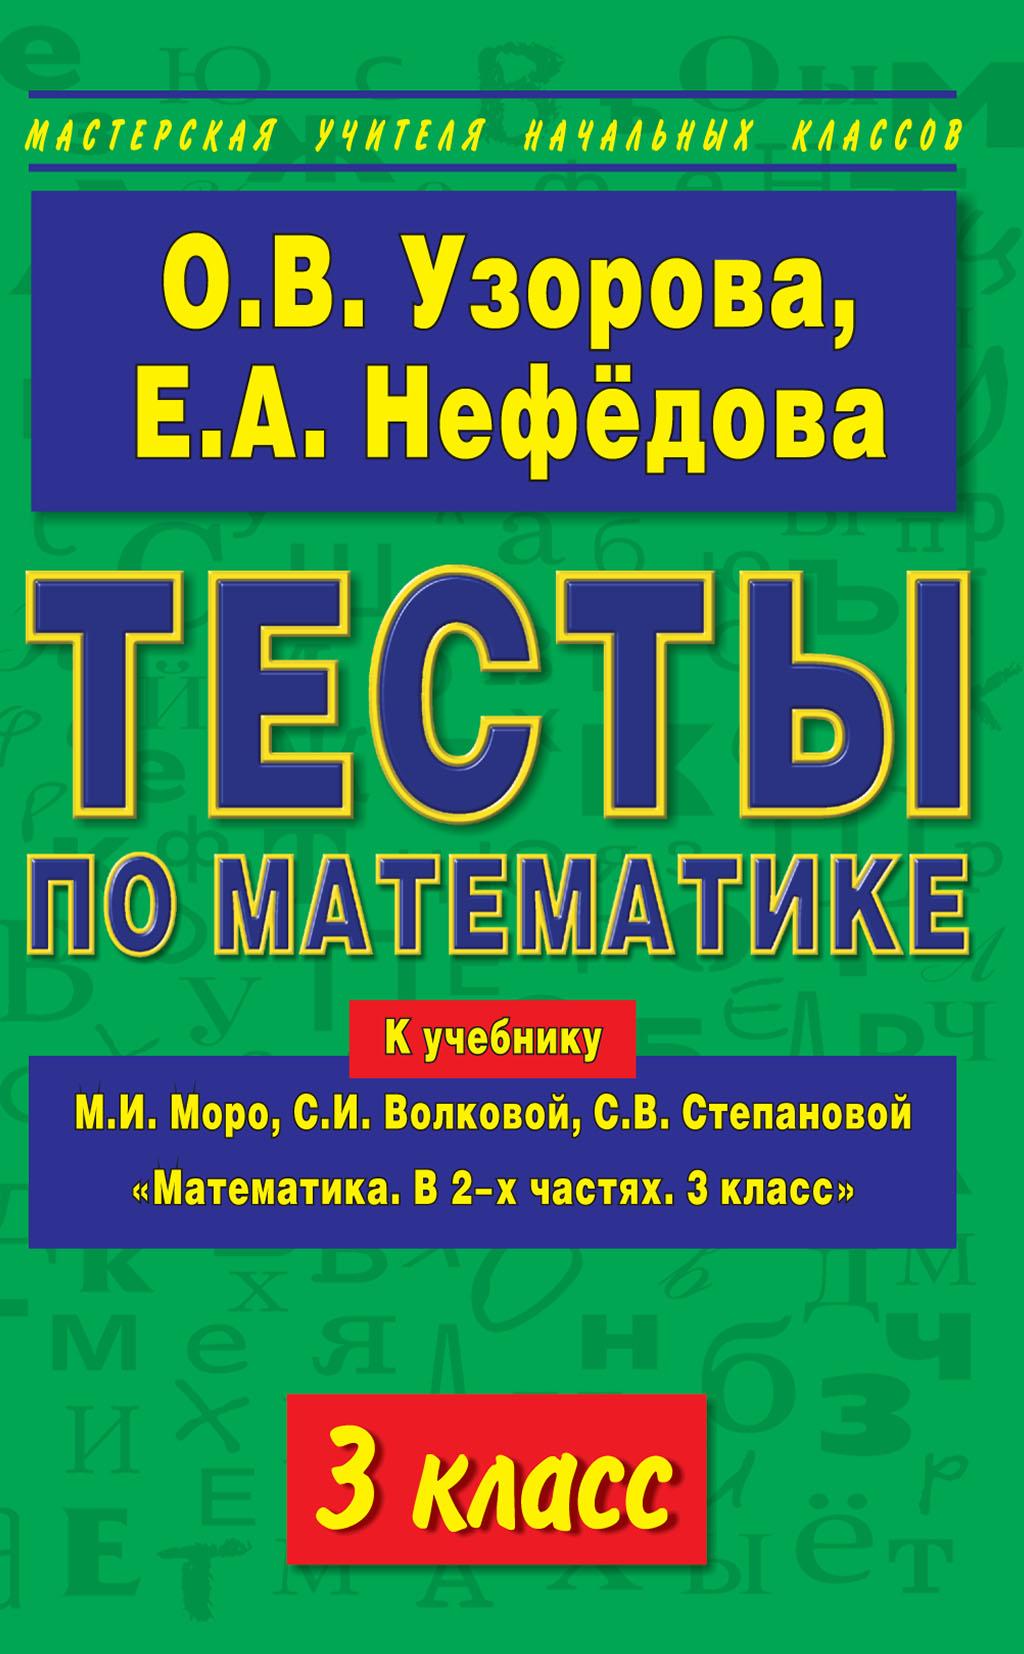 О. В. Узорова Тесты по математике. 3 класс. К учебнику М. И. Моро и др. «Математика. В 2-х частях. 3 класс»